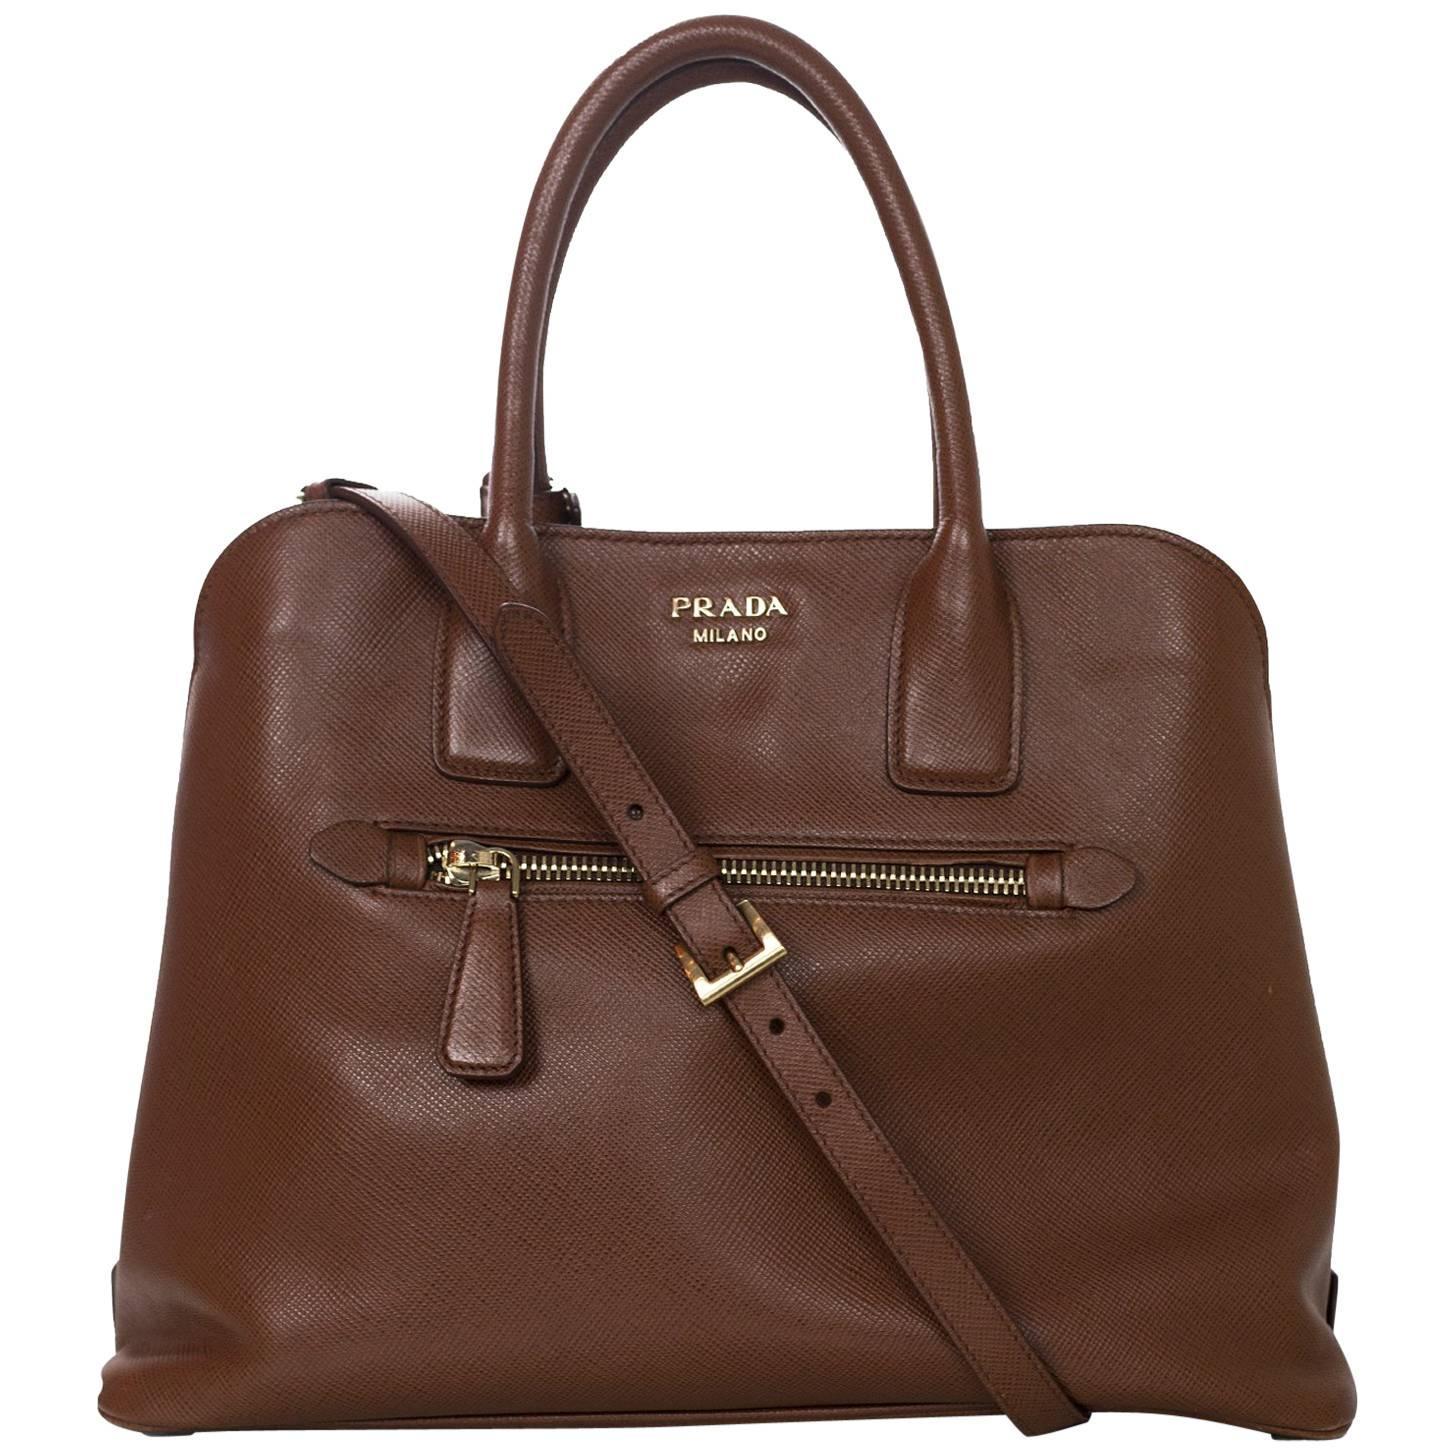 Prada Brown Saffiano Leather Palissandro Tote Bag w/ Strap